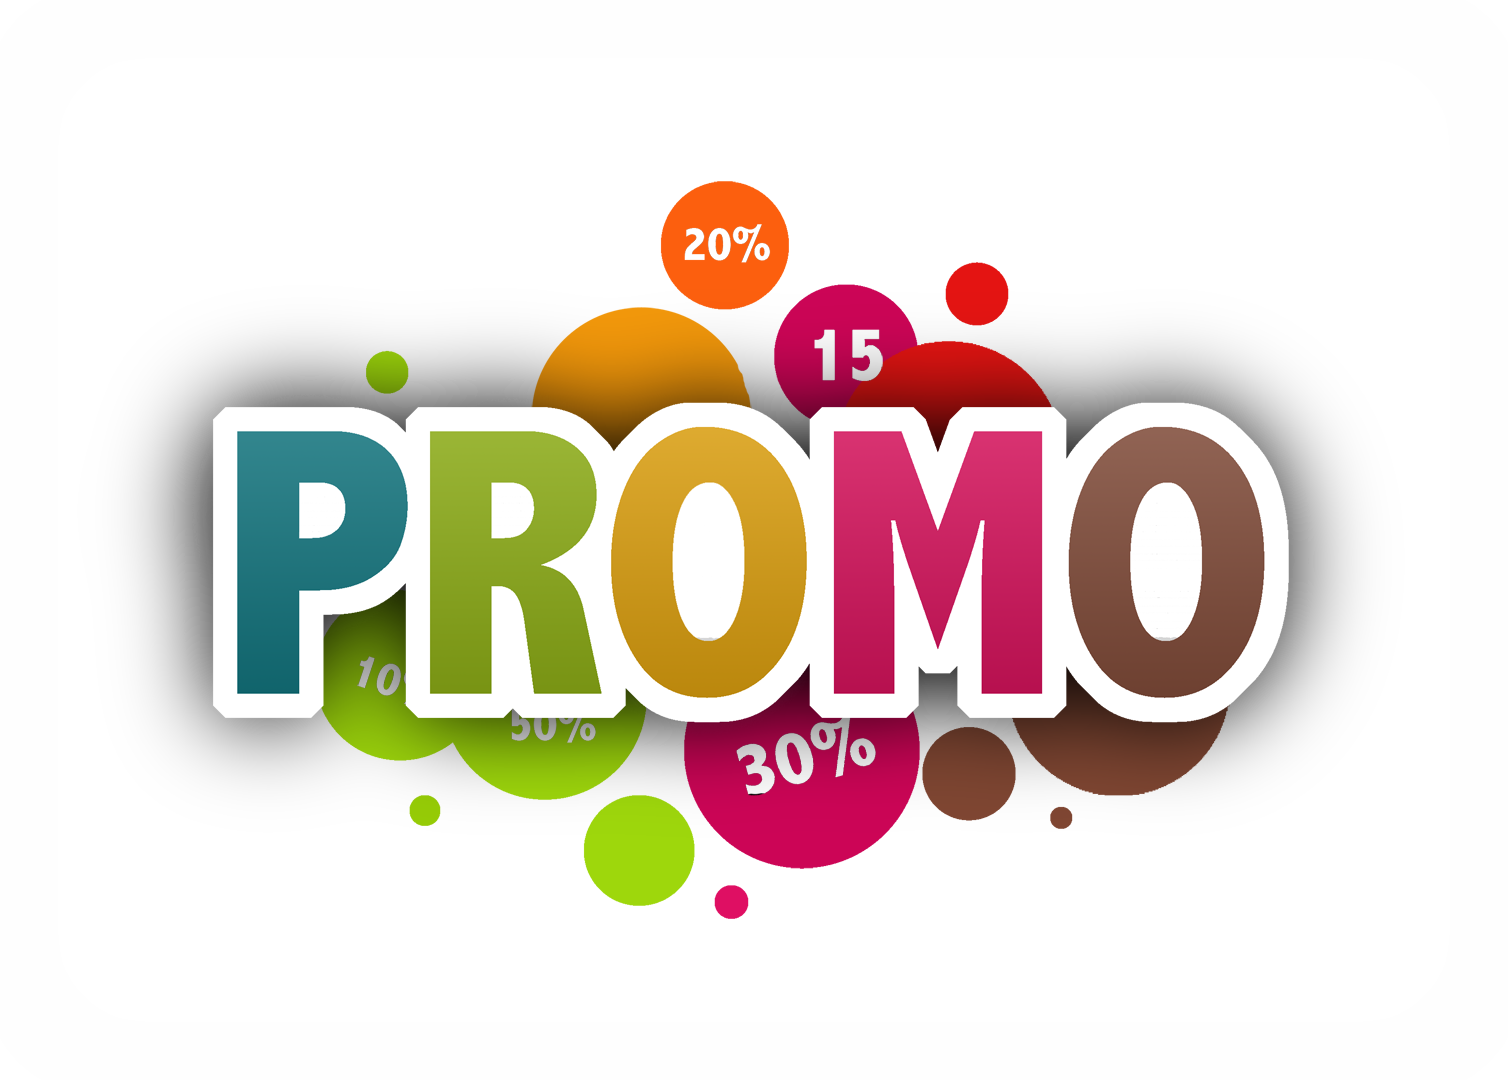 Xpromo Logo photo - 1